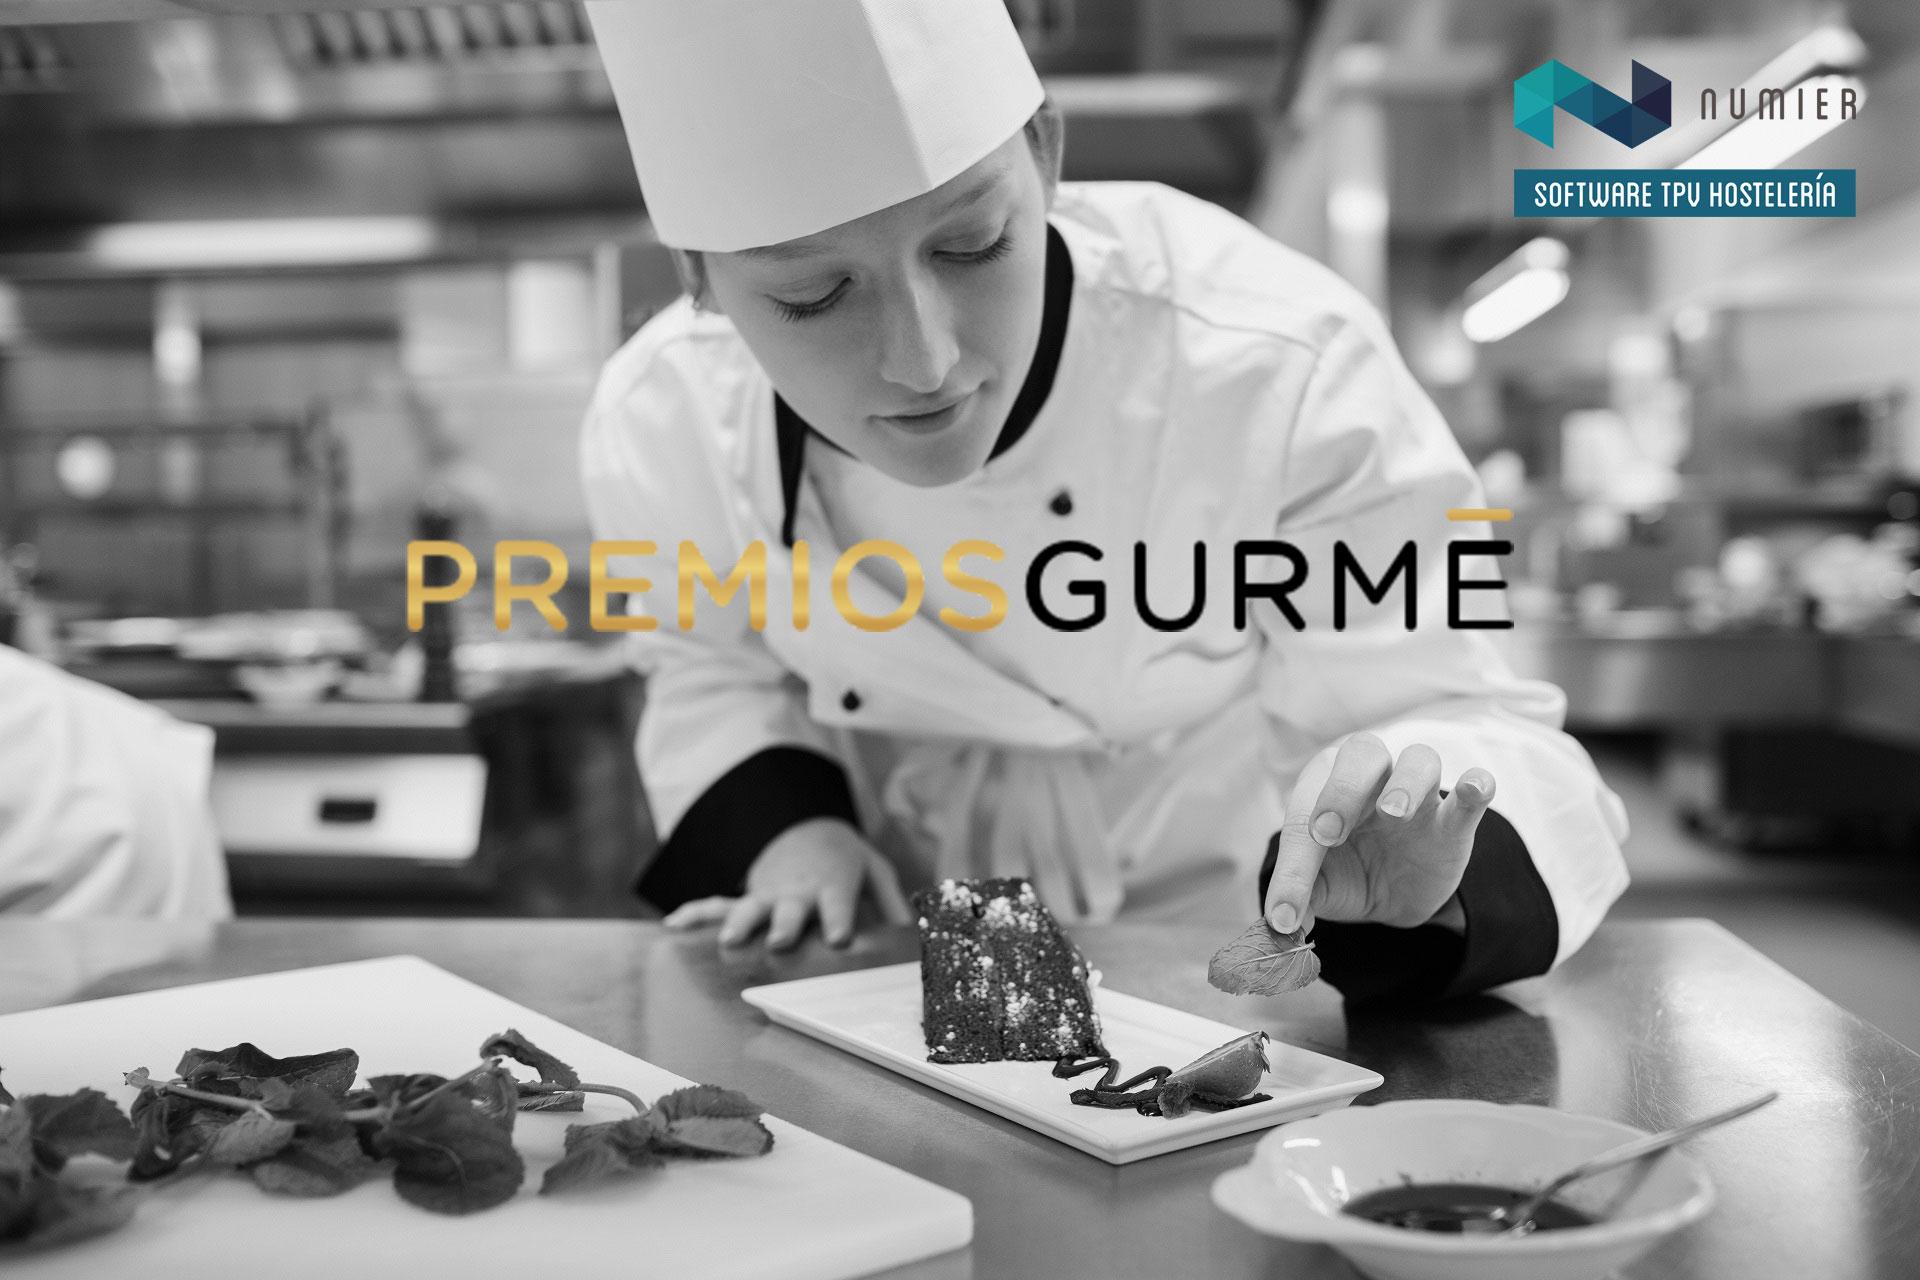 Numier TPV colaborador de los Premios Gurmé de Sevilla 2018 de ABC